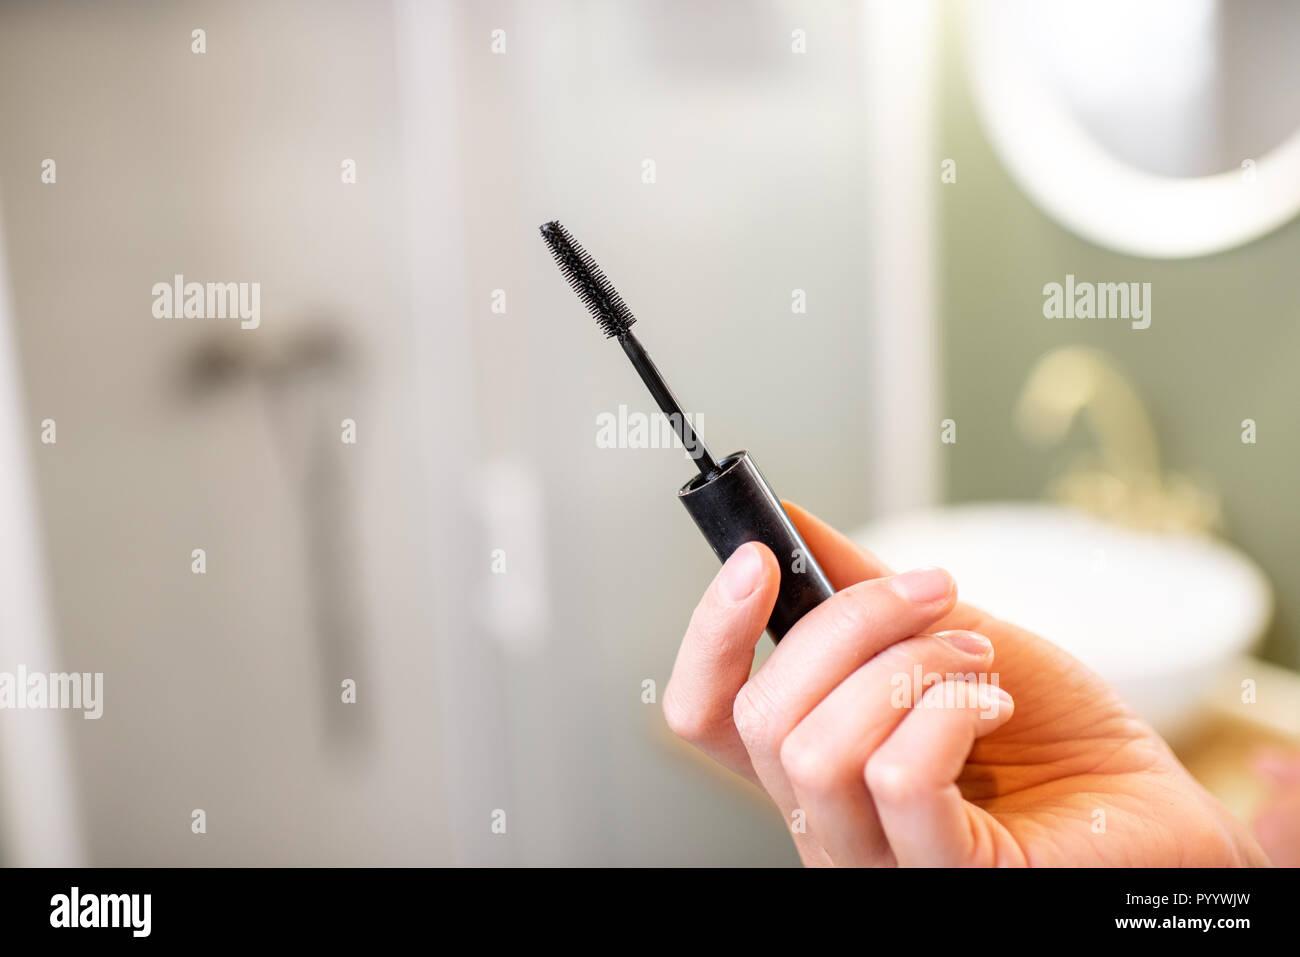 Blick auf den Wimpern Pinsel auf das Badezimmer Hintergrund Stockbild